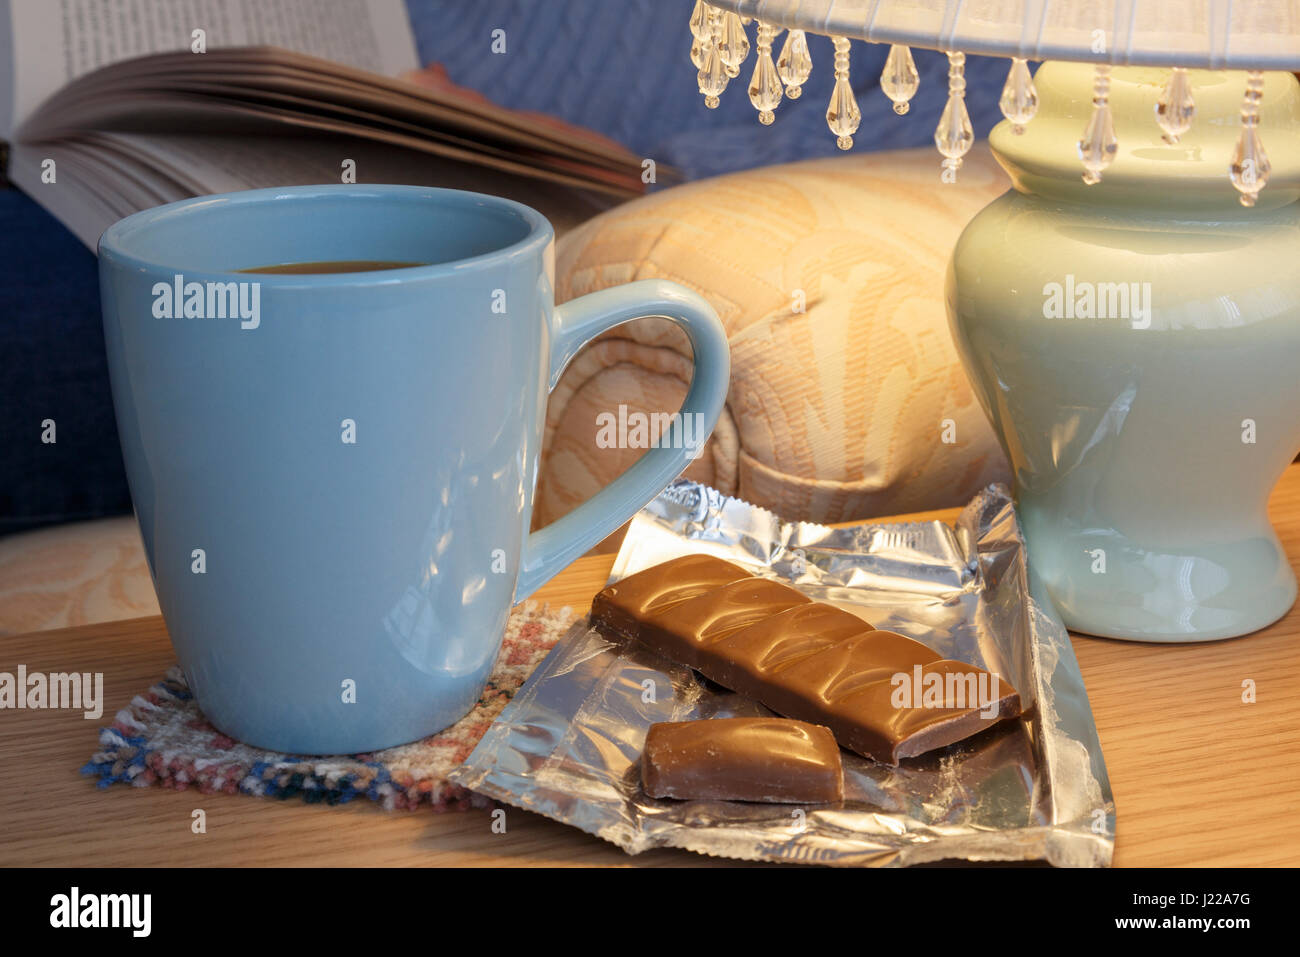 Täglichen Lebensstil gemütliche hygge Szene einer Person entspannt ein Buch lesen mit Becher Kaffee und Stockbild